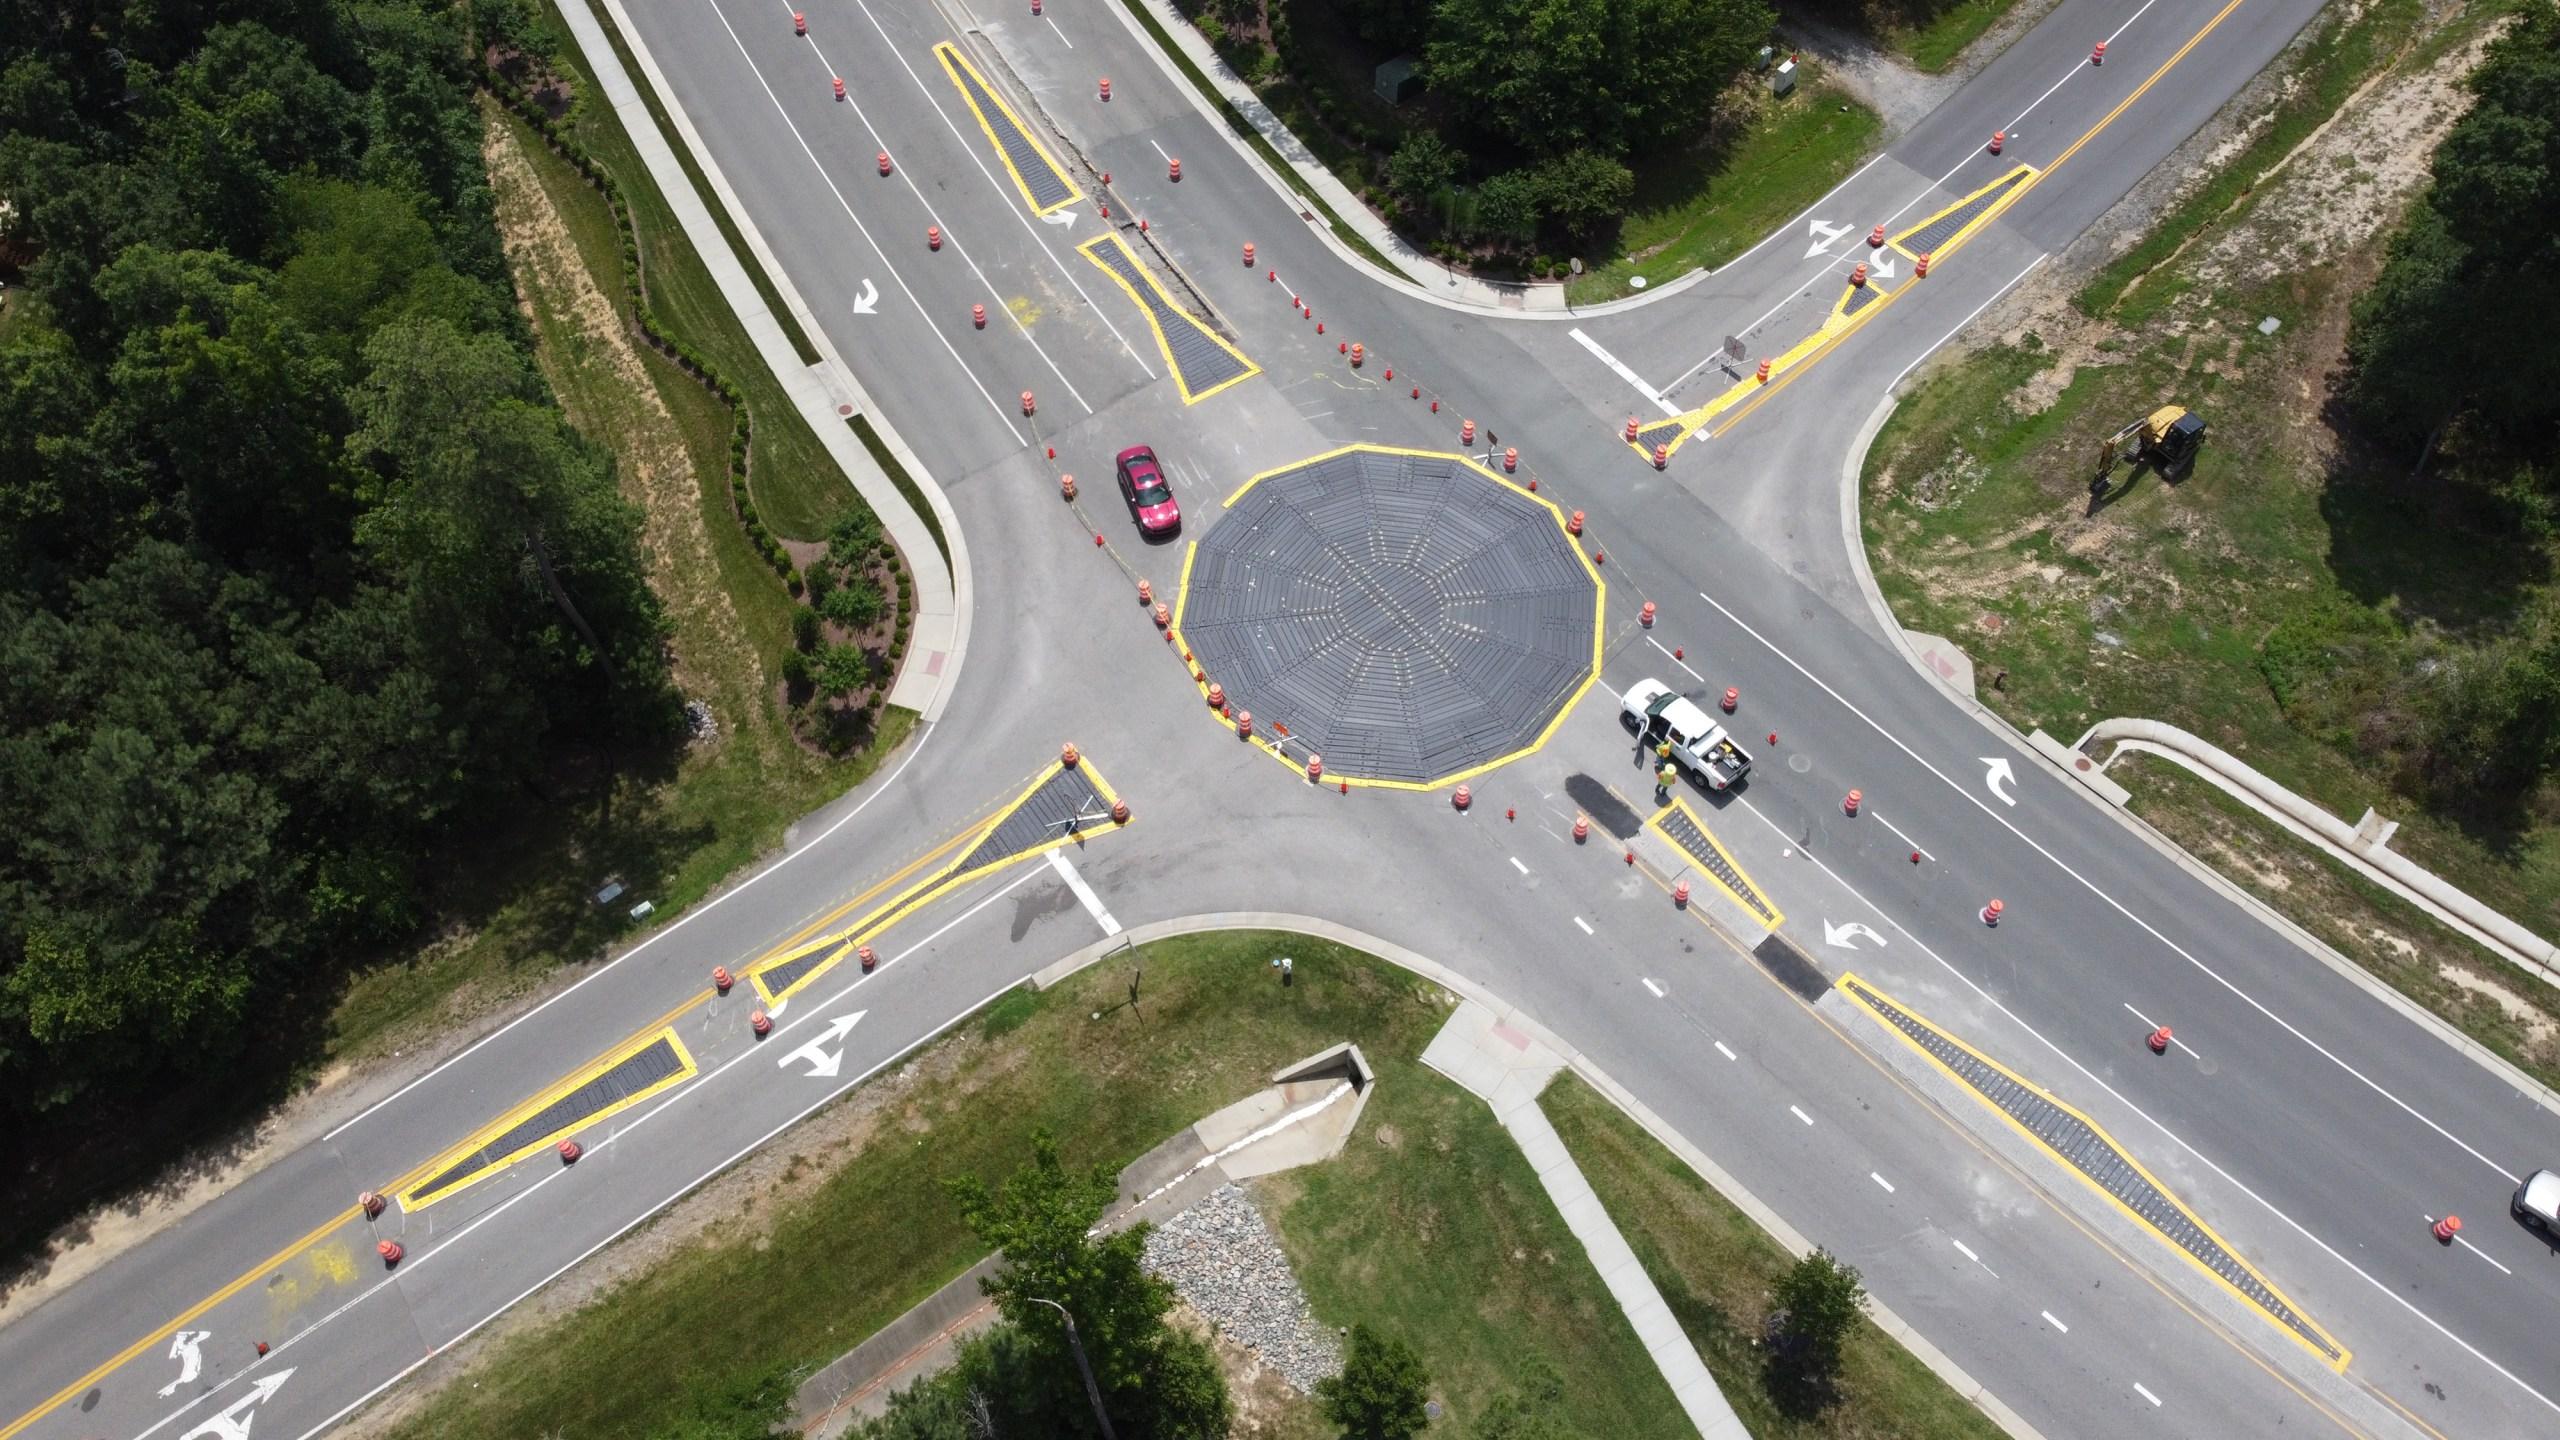 Modular roundabout